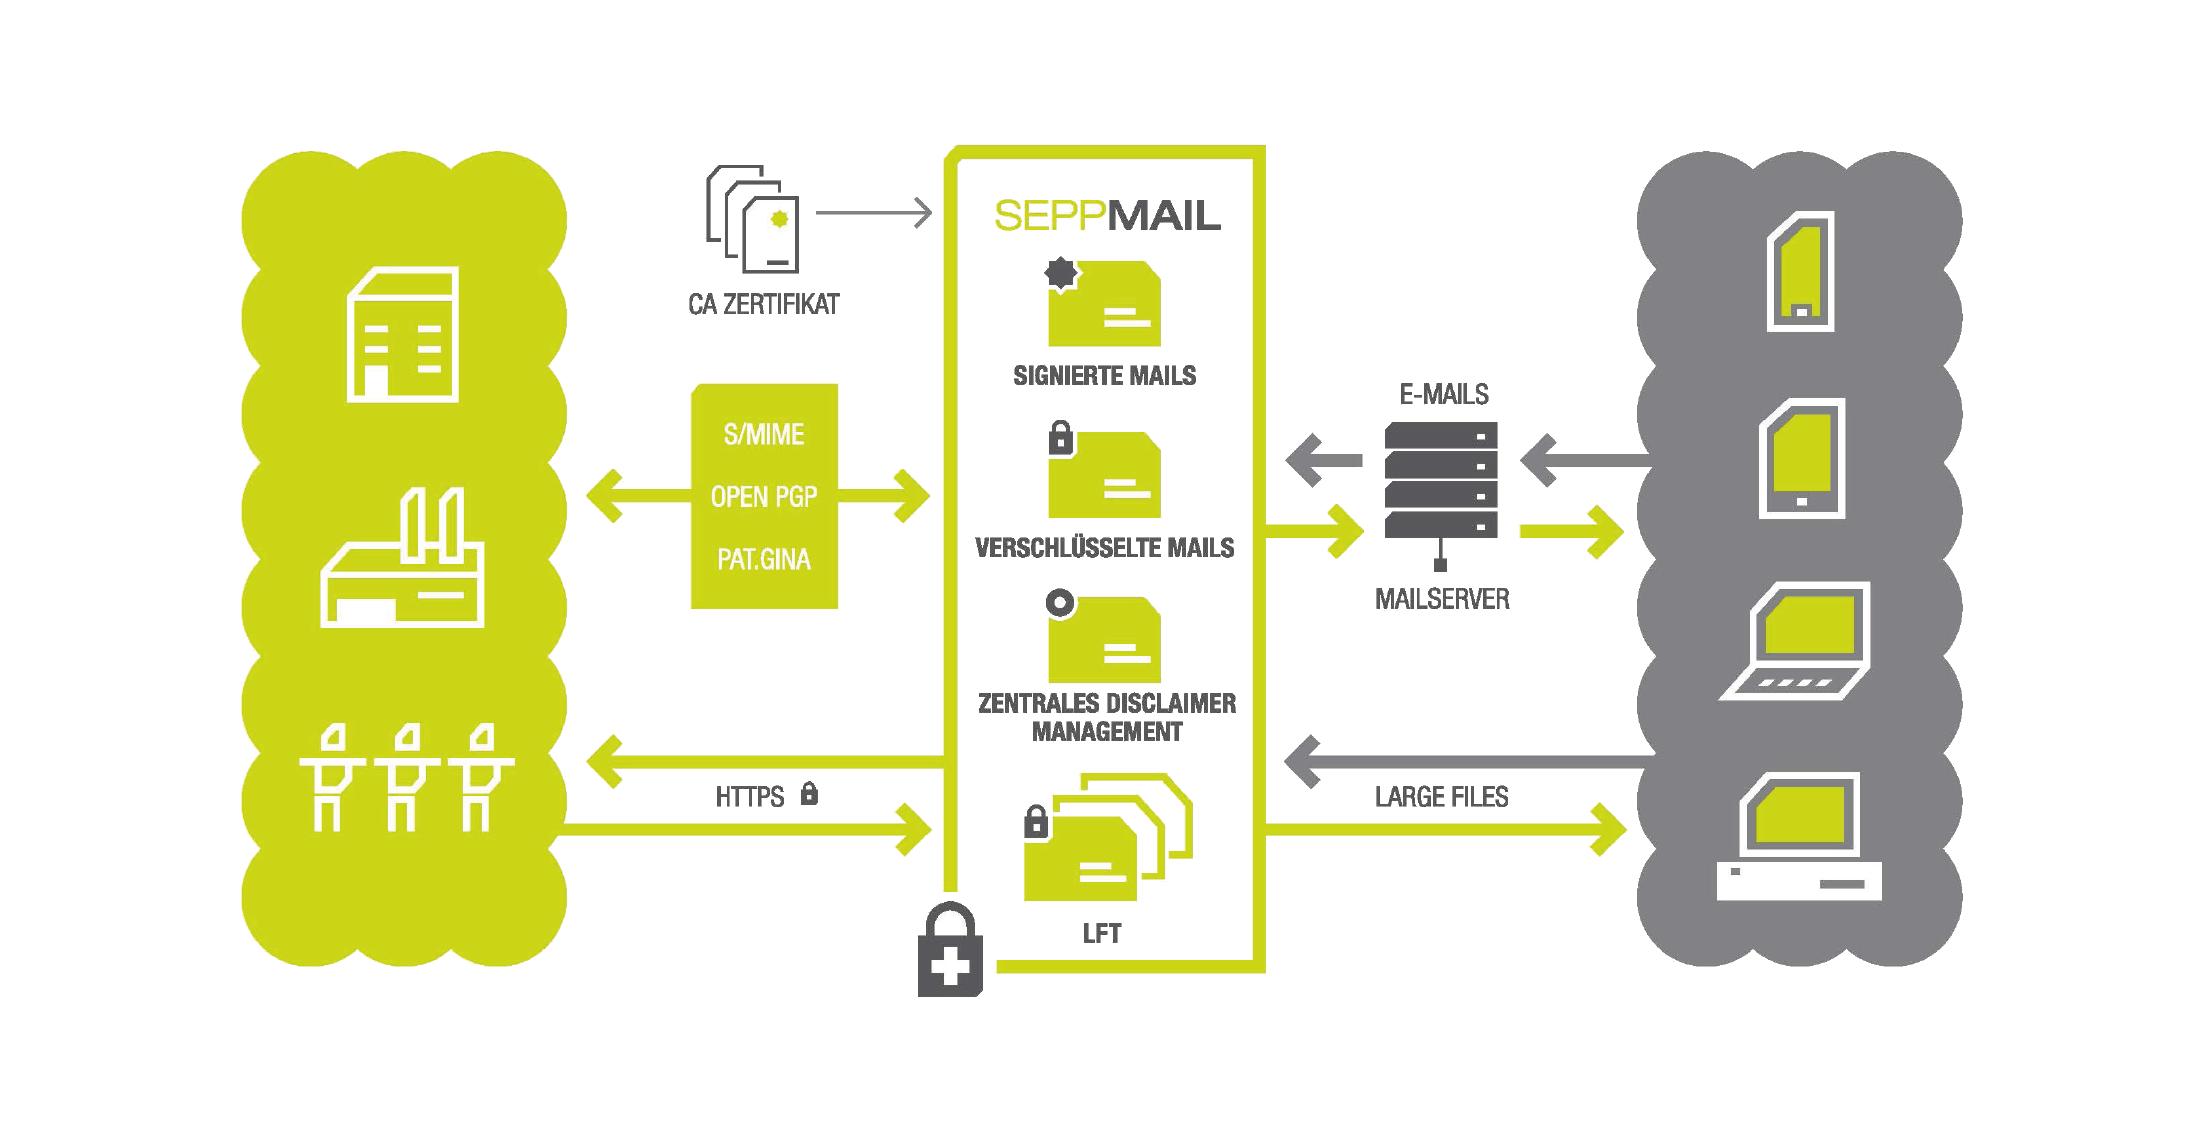 Durch die tägliche Tätigkeit als Datenschutzbeauftragte wissen wir wie schwierig es für Unternehmen ist eine benutzer- & kundenfreundliche und gleichzeitig sichere Lösung der Email Verschlüsselung zu finden. Mit unserem Partner Seppmail können wir Ihnen eine patentierte Verschlüsselungslösung anbieten die sowohl Klein- und Mittelständische Unternehmen sowie Großfirmen eine DSGVO-konforme Email Kommunikation ermöglicht.